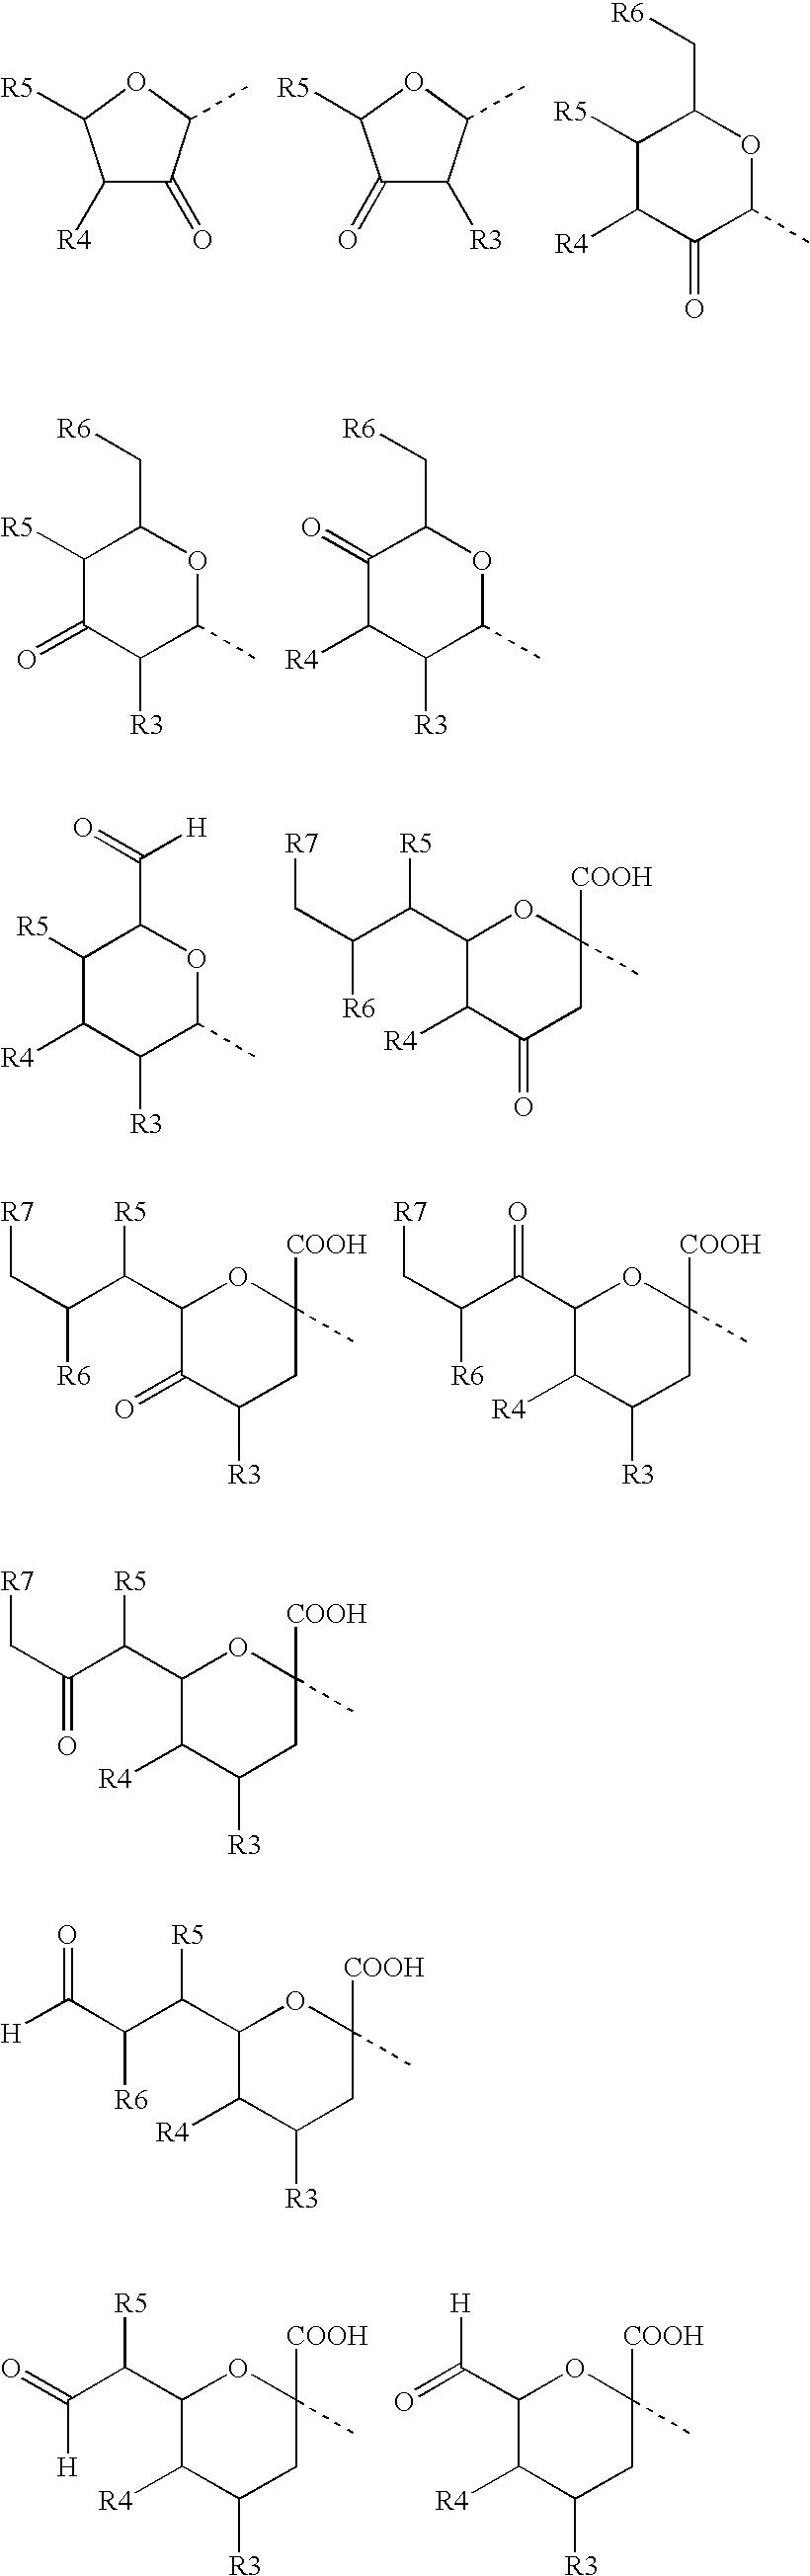 Figure US20080108557A1-20080508-C00164